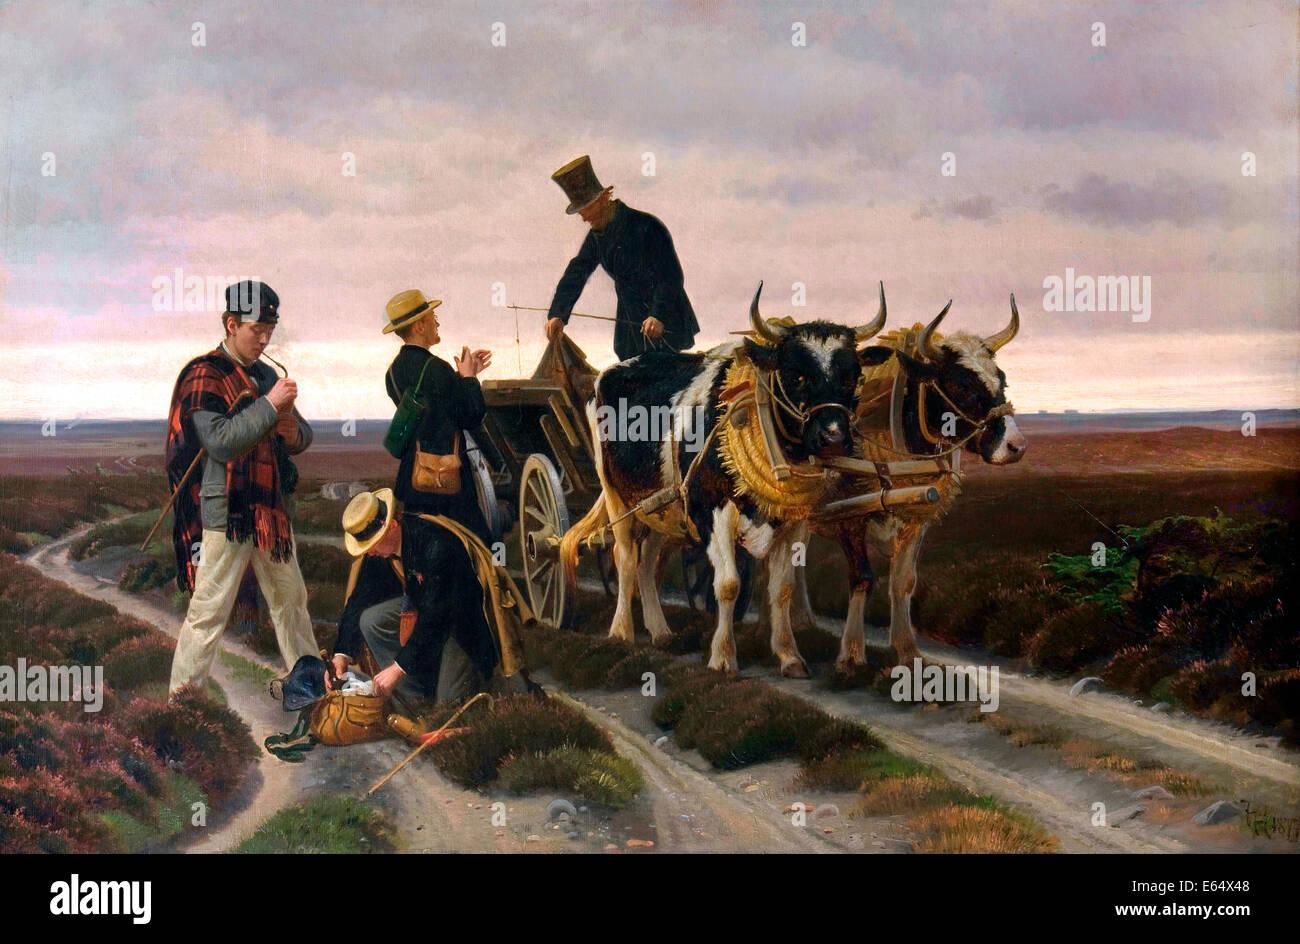 Frants Henningsen, Paseos viaje. De Jutlandia. 1877 Óleo sobre lienzo. La Colección Hirschsprung. Imagen De Stock